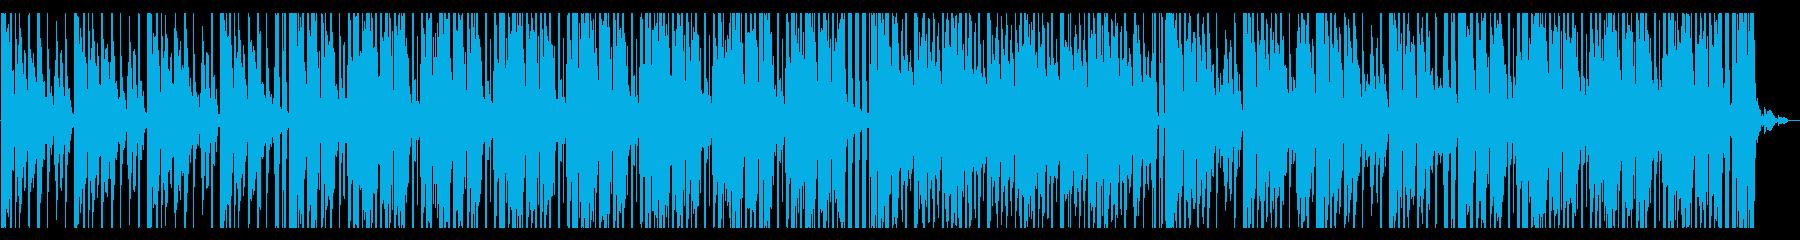 青/海/エレクトロ_No407_2の再生済みの波形